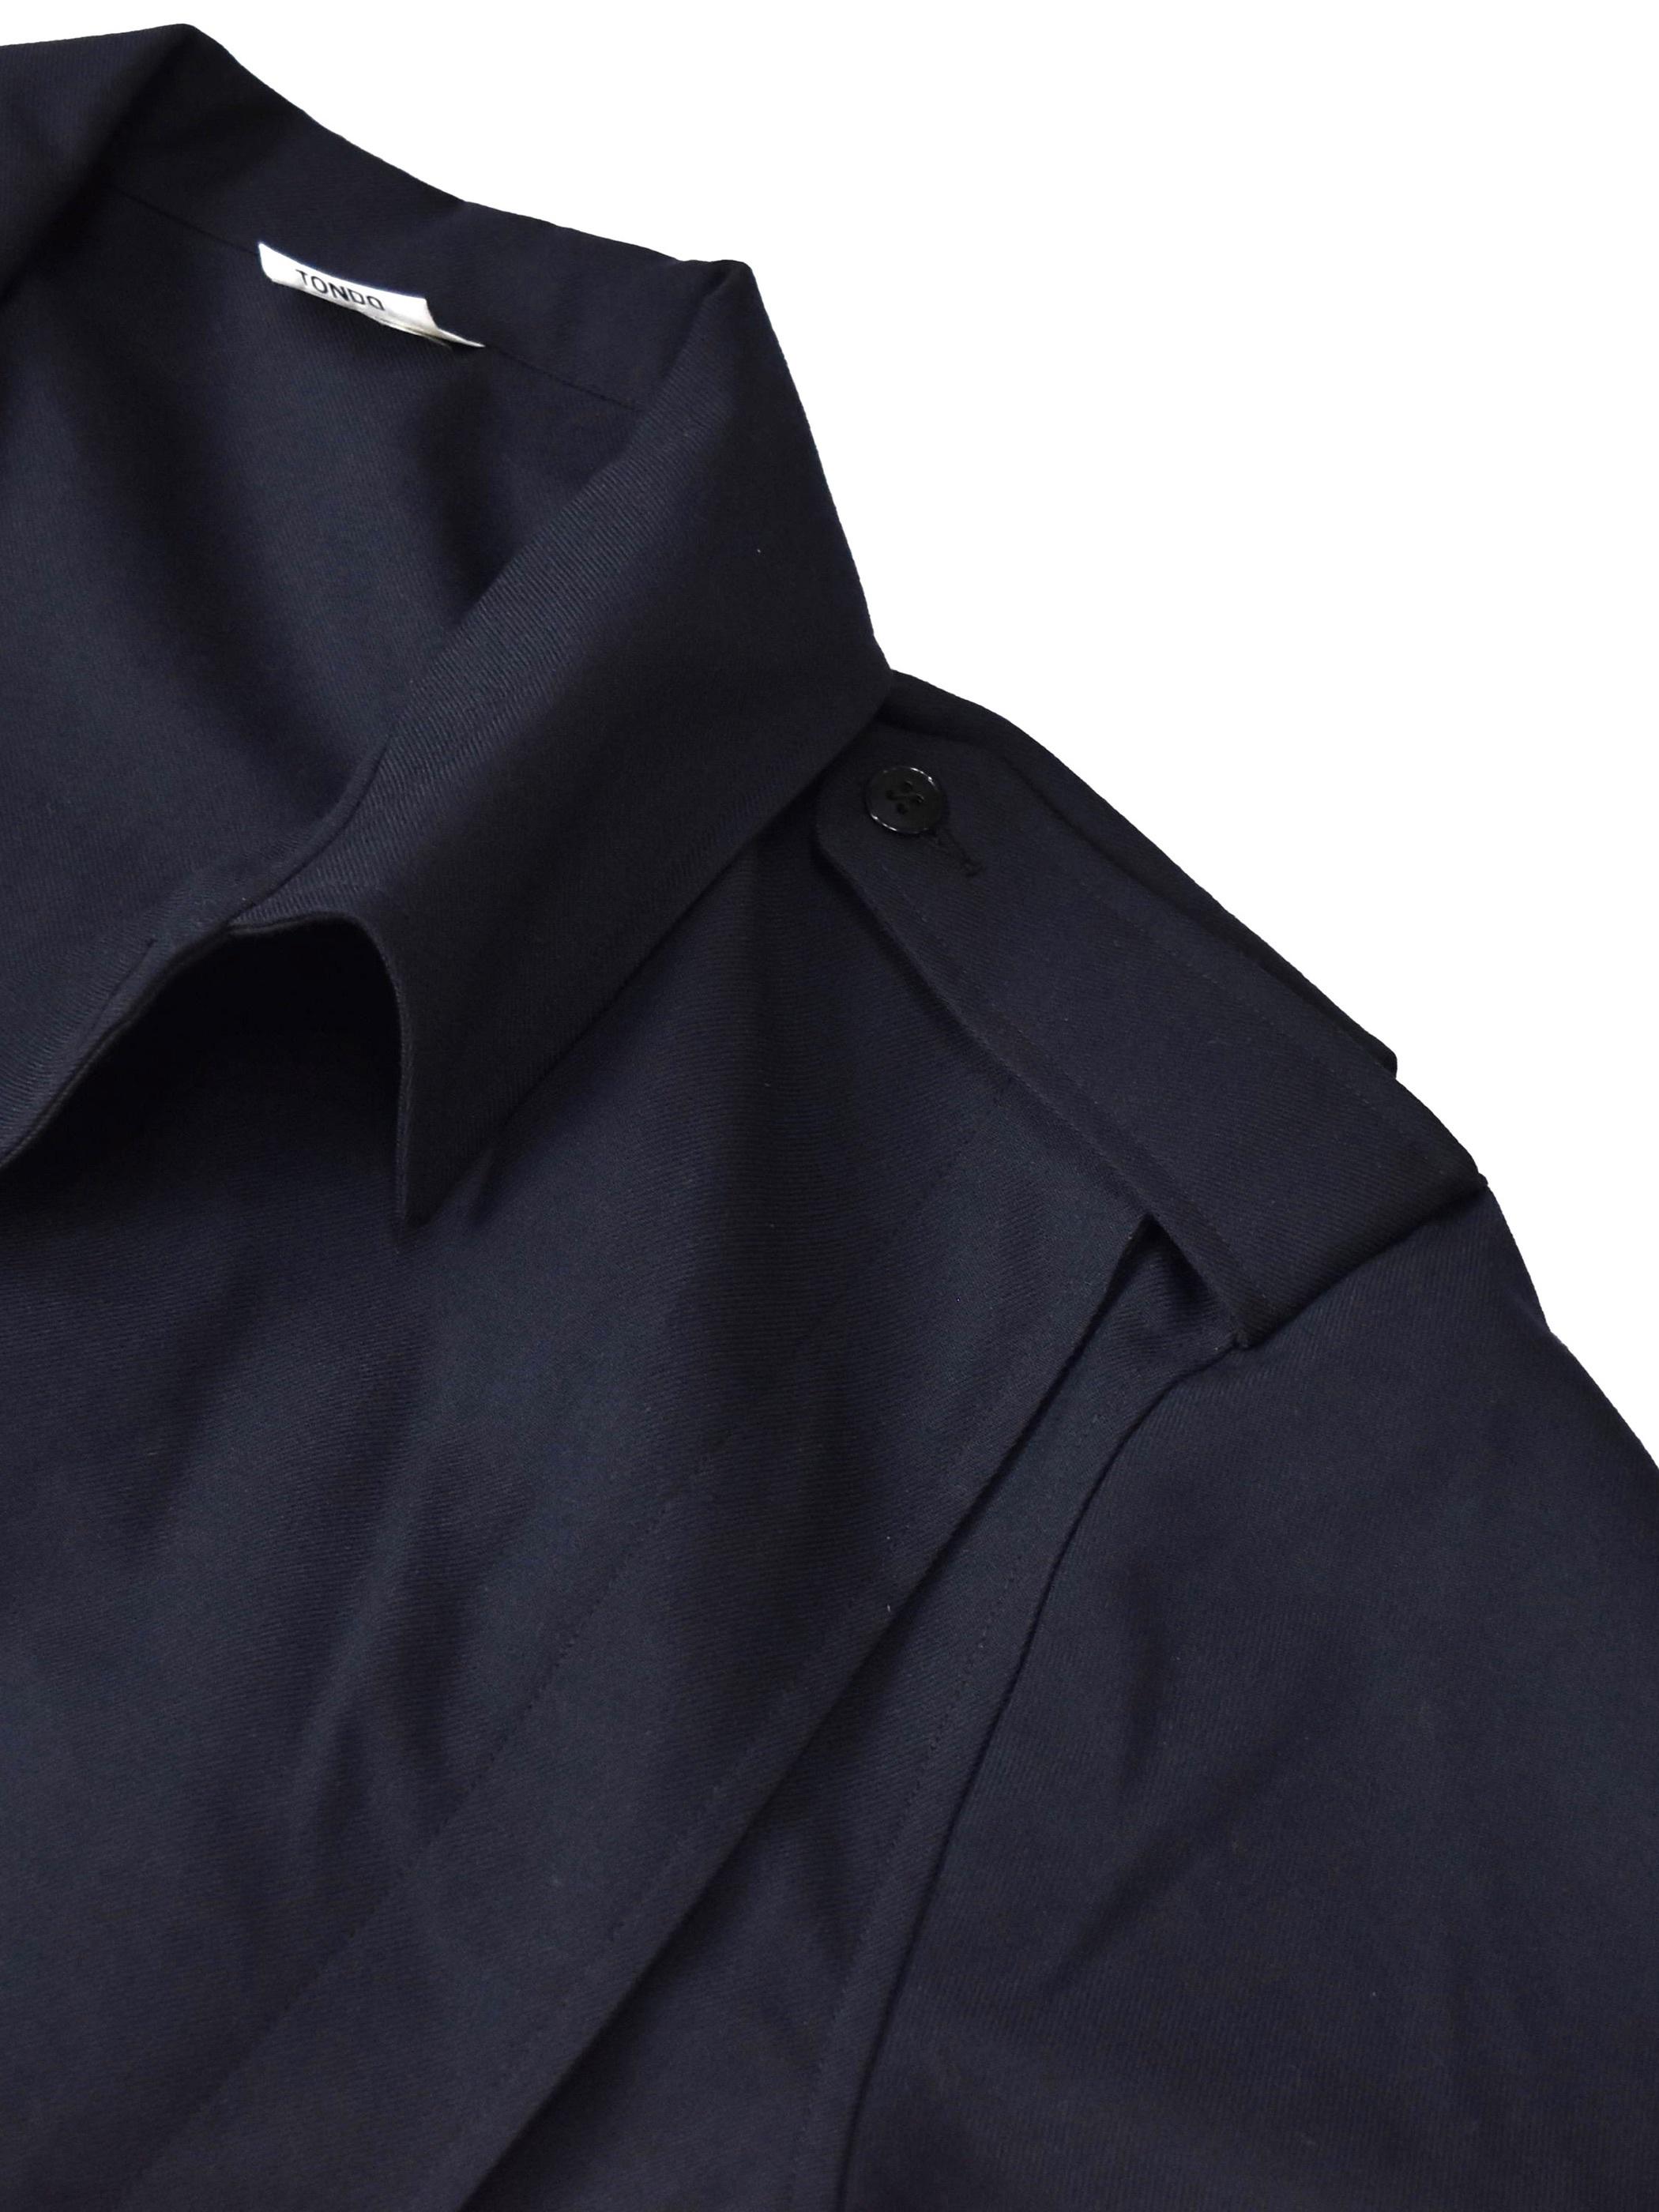 デッドストック ユーロ ワークジャケット / DEAD STOCK euro work jacket